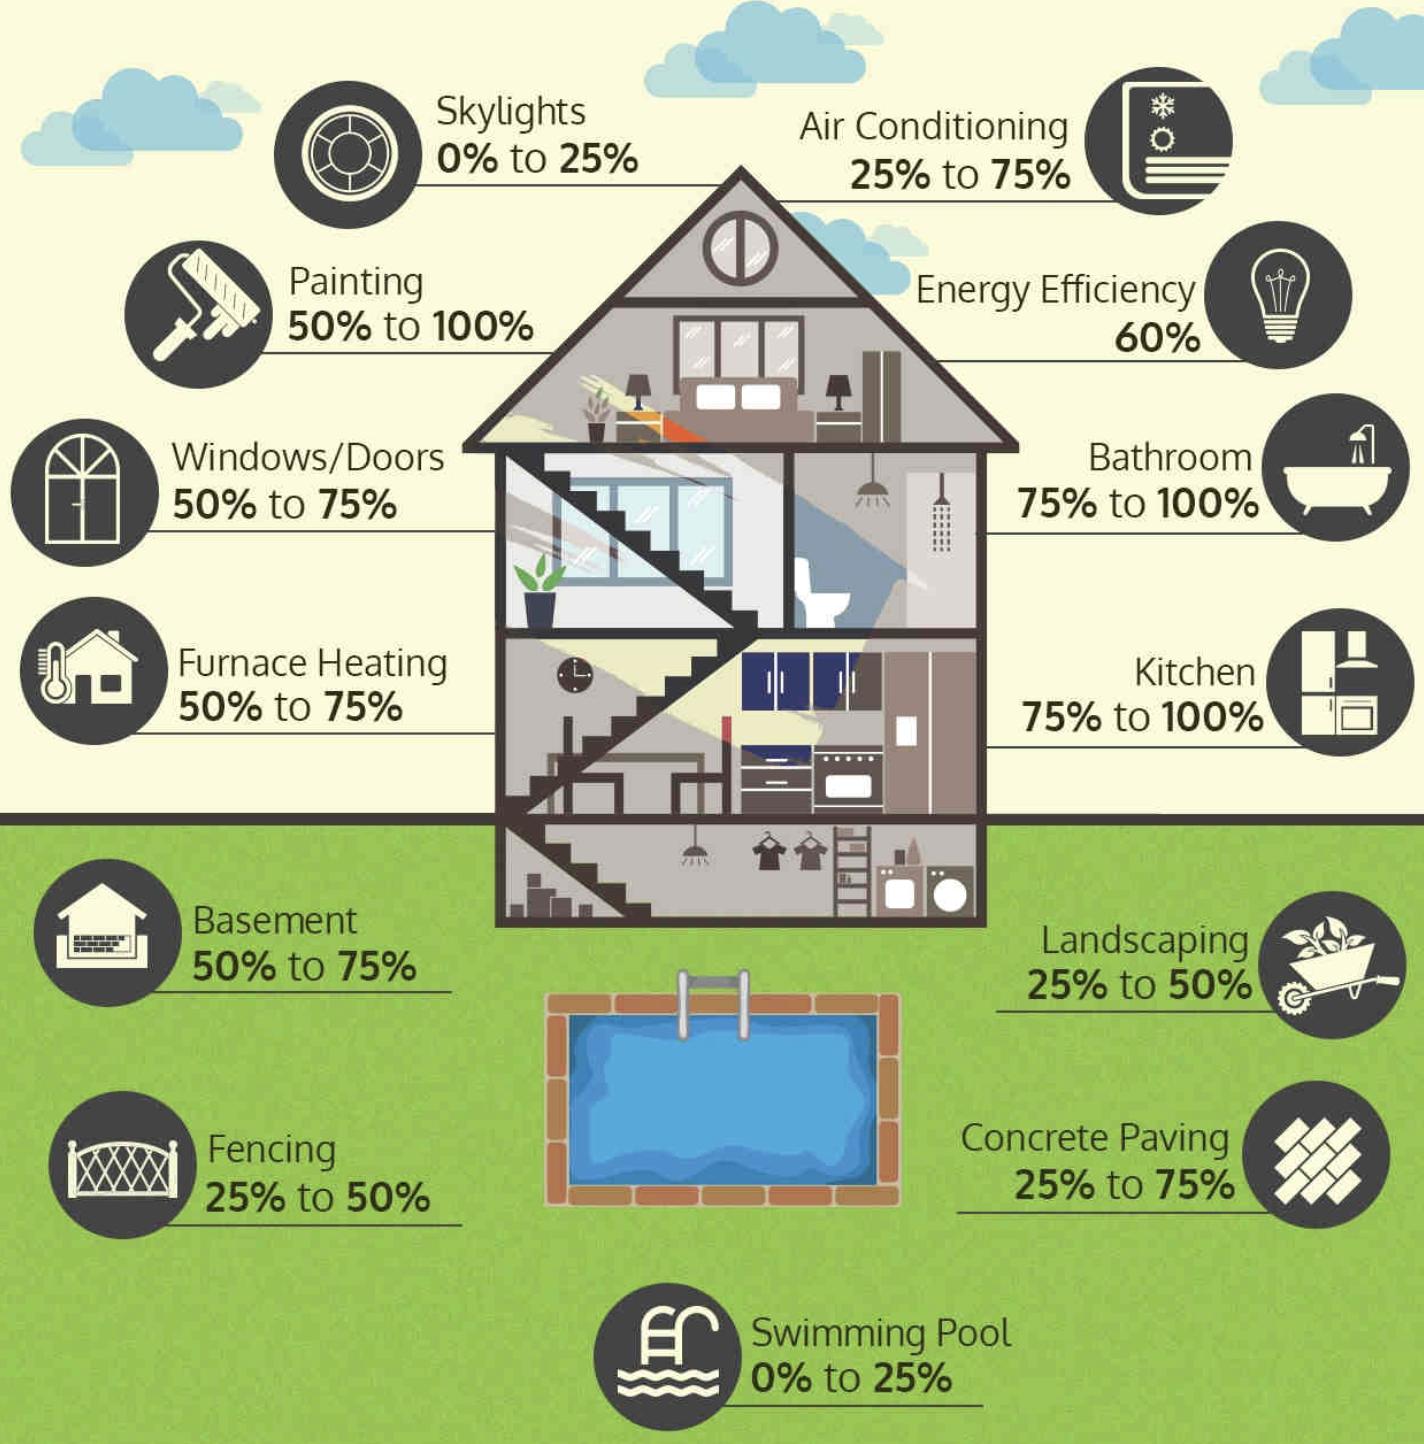 2020房屋装修平均支出汇总